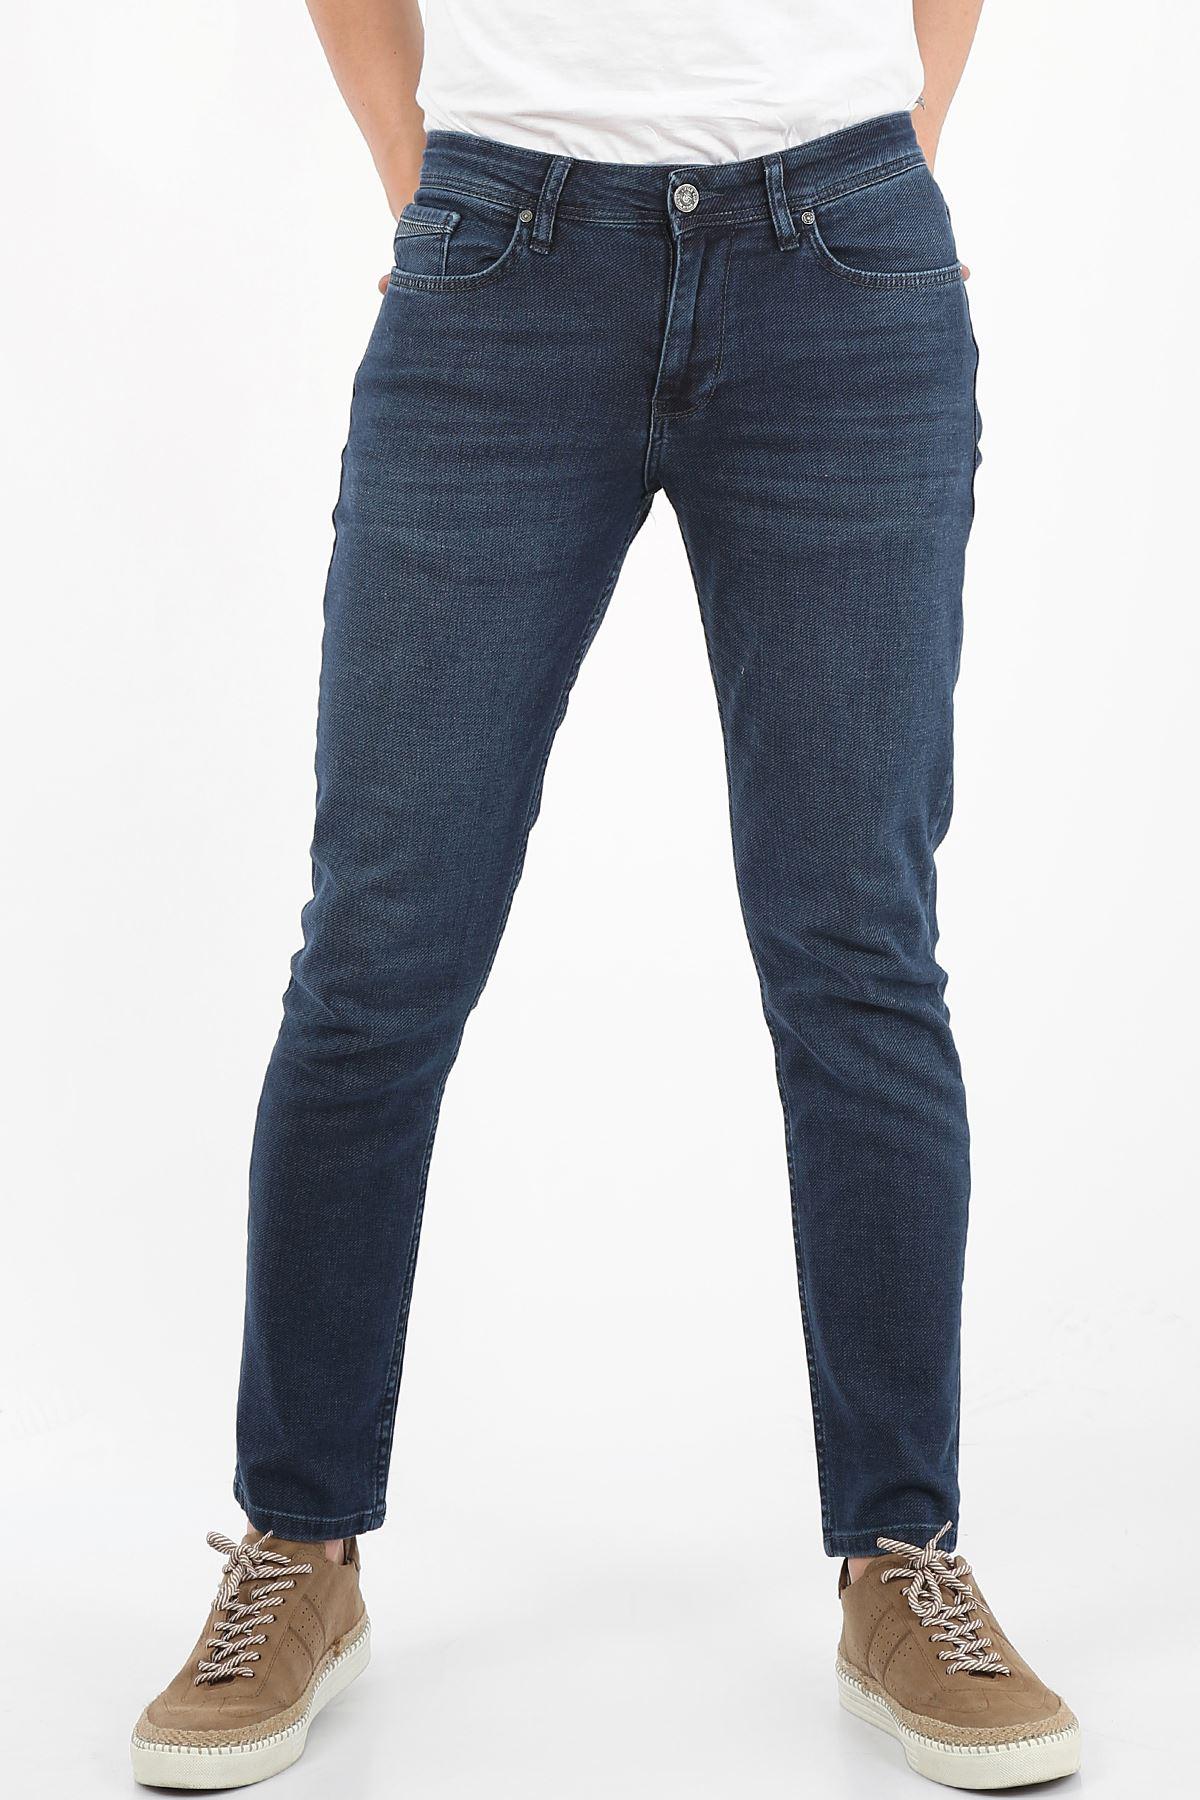 Mavi Yumaşak Doku Yarı Slim Fermuarlı Erkek Jeans Pantolon-SAWYER